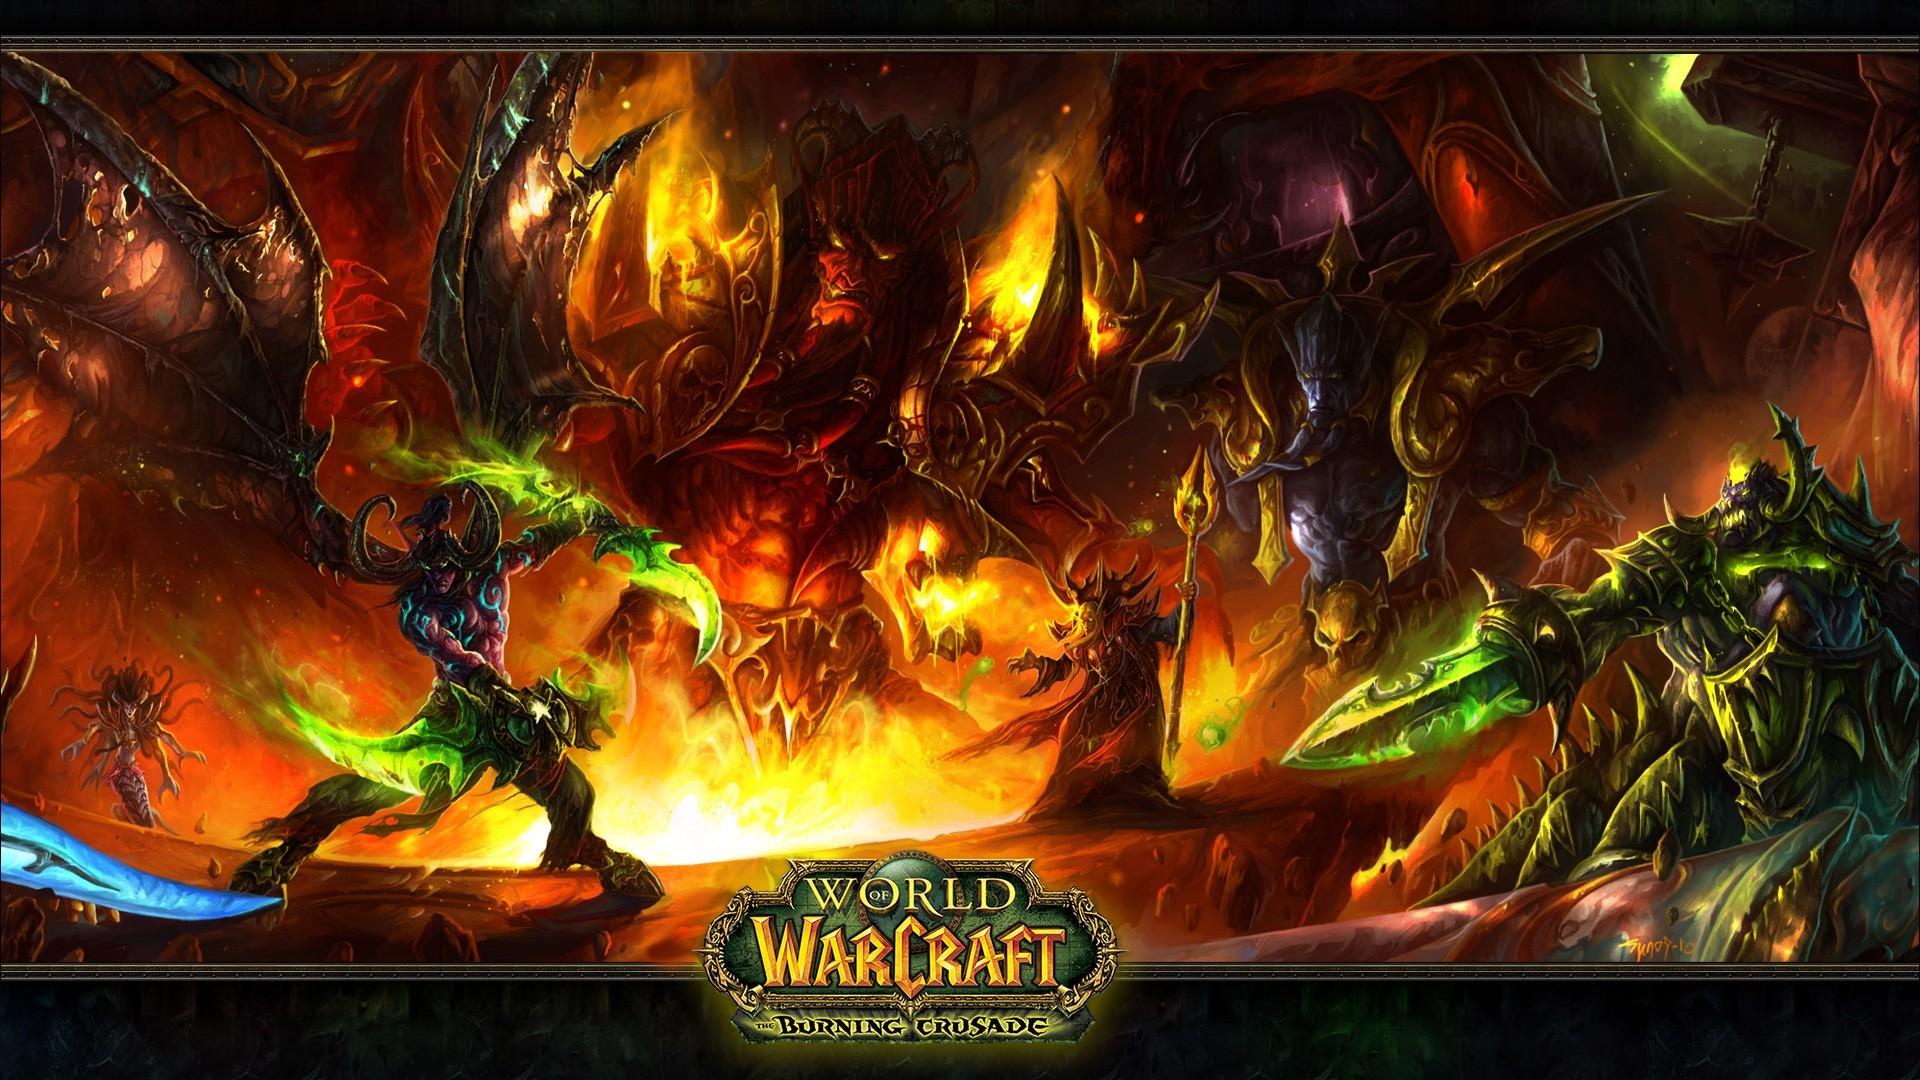 Res: 1920x1080, 4 Kil'jaeden (World Of Warcraft) HD Wallpapers   Hintergründe - Wallpaper  Abyss